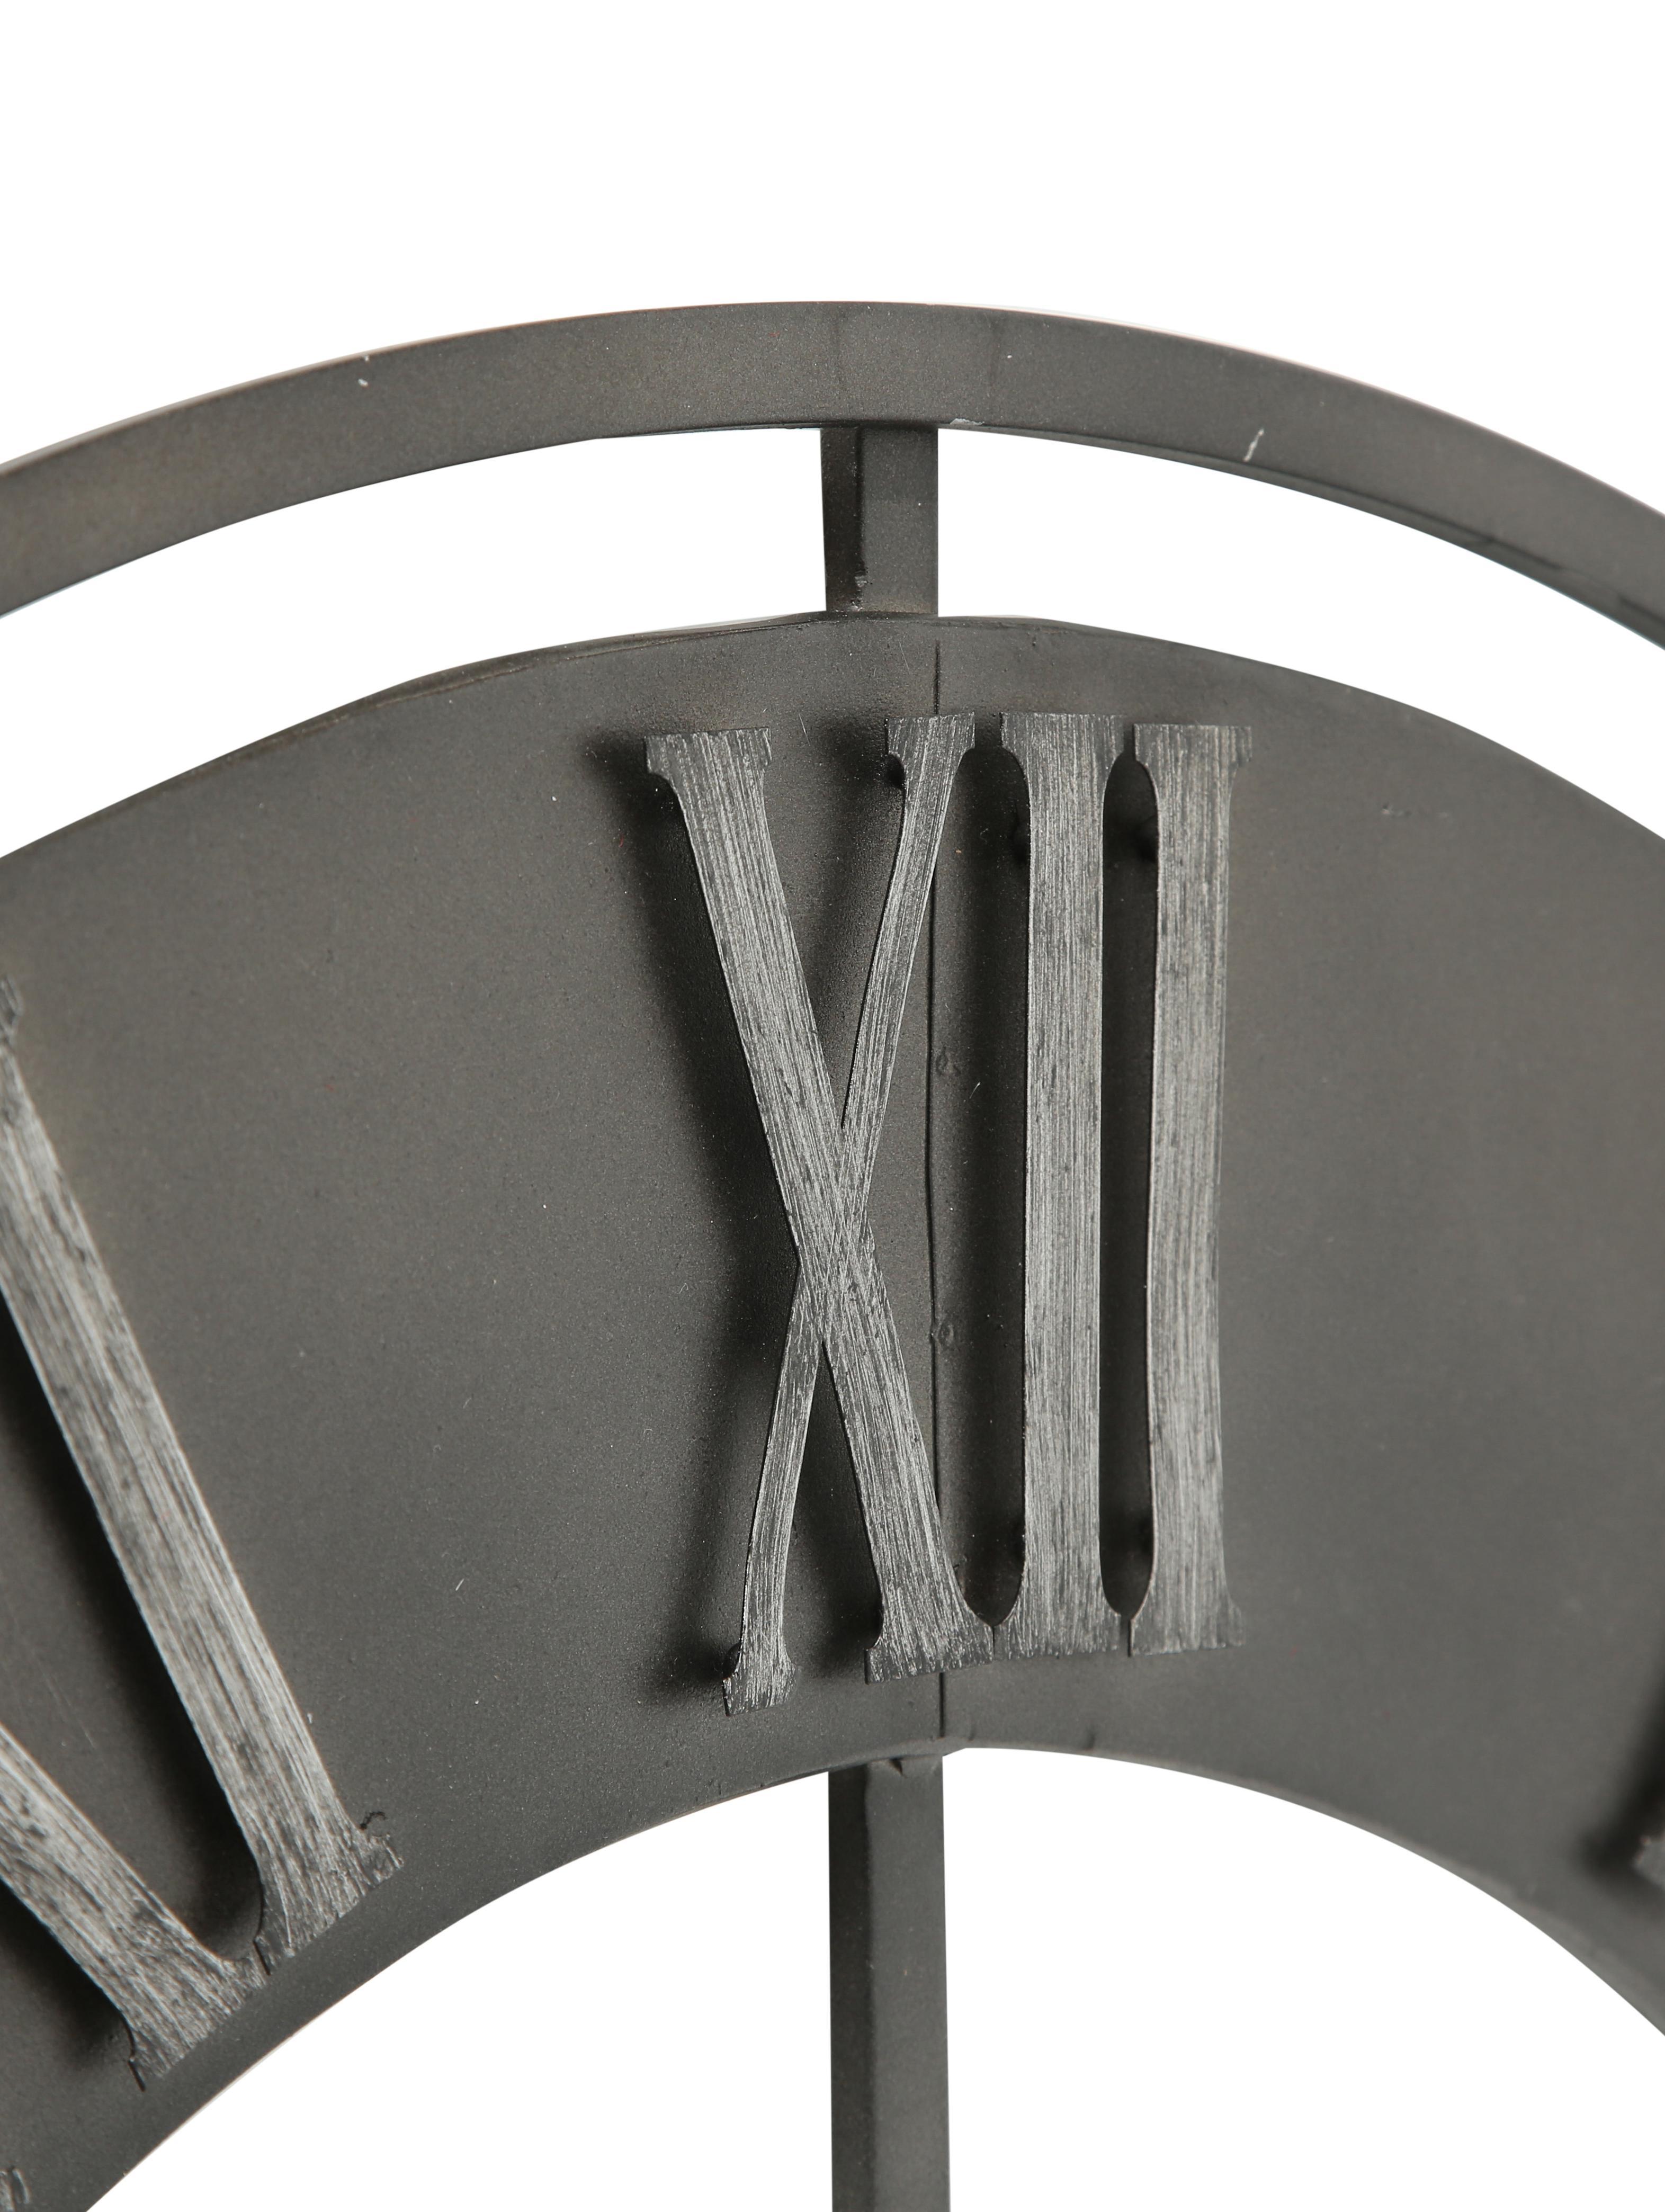 Wanduhr Duro, Metall, beschichtet, Dunkelgrau, Ø 78 cm